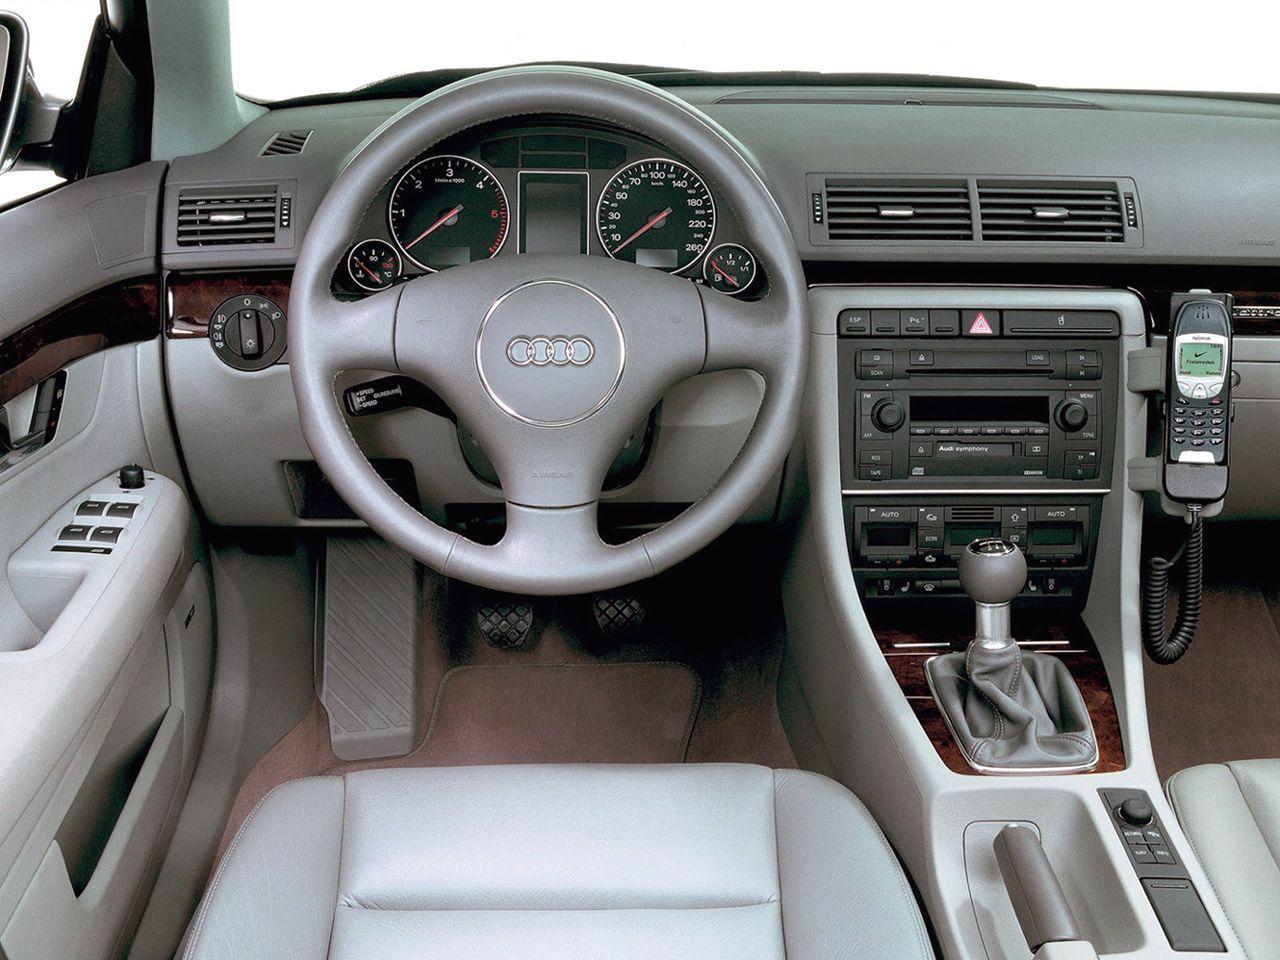 Audi A4 3 0 Quattro Avant B6 8e 2001 04 Avtomobili